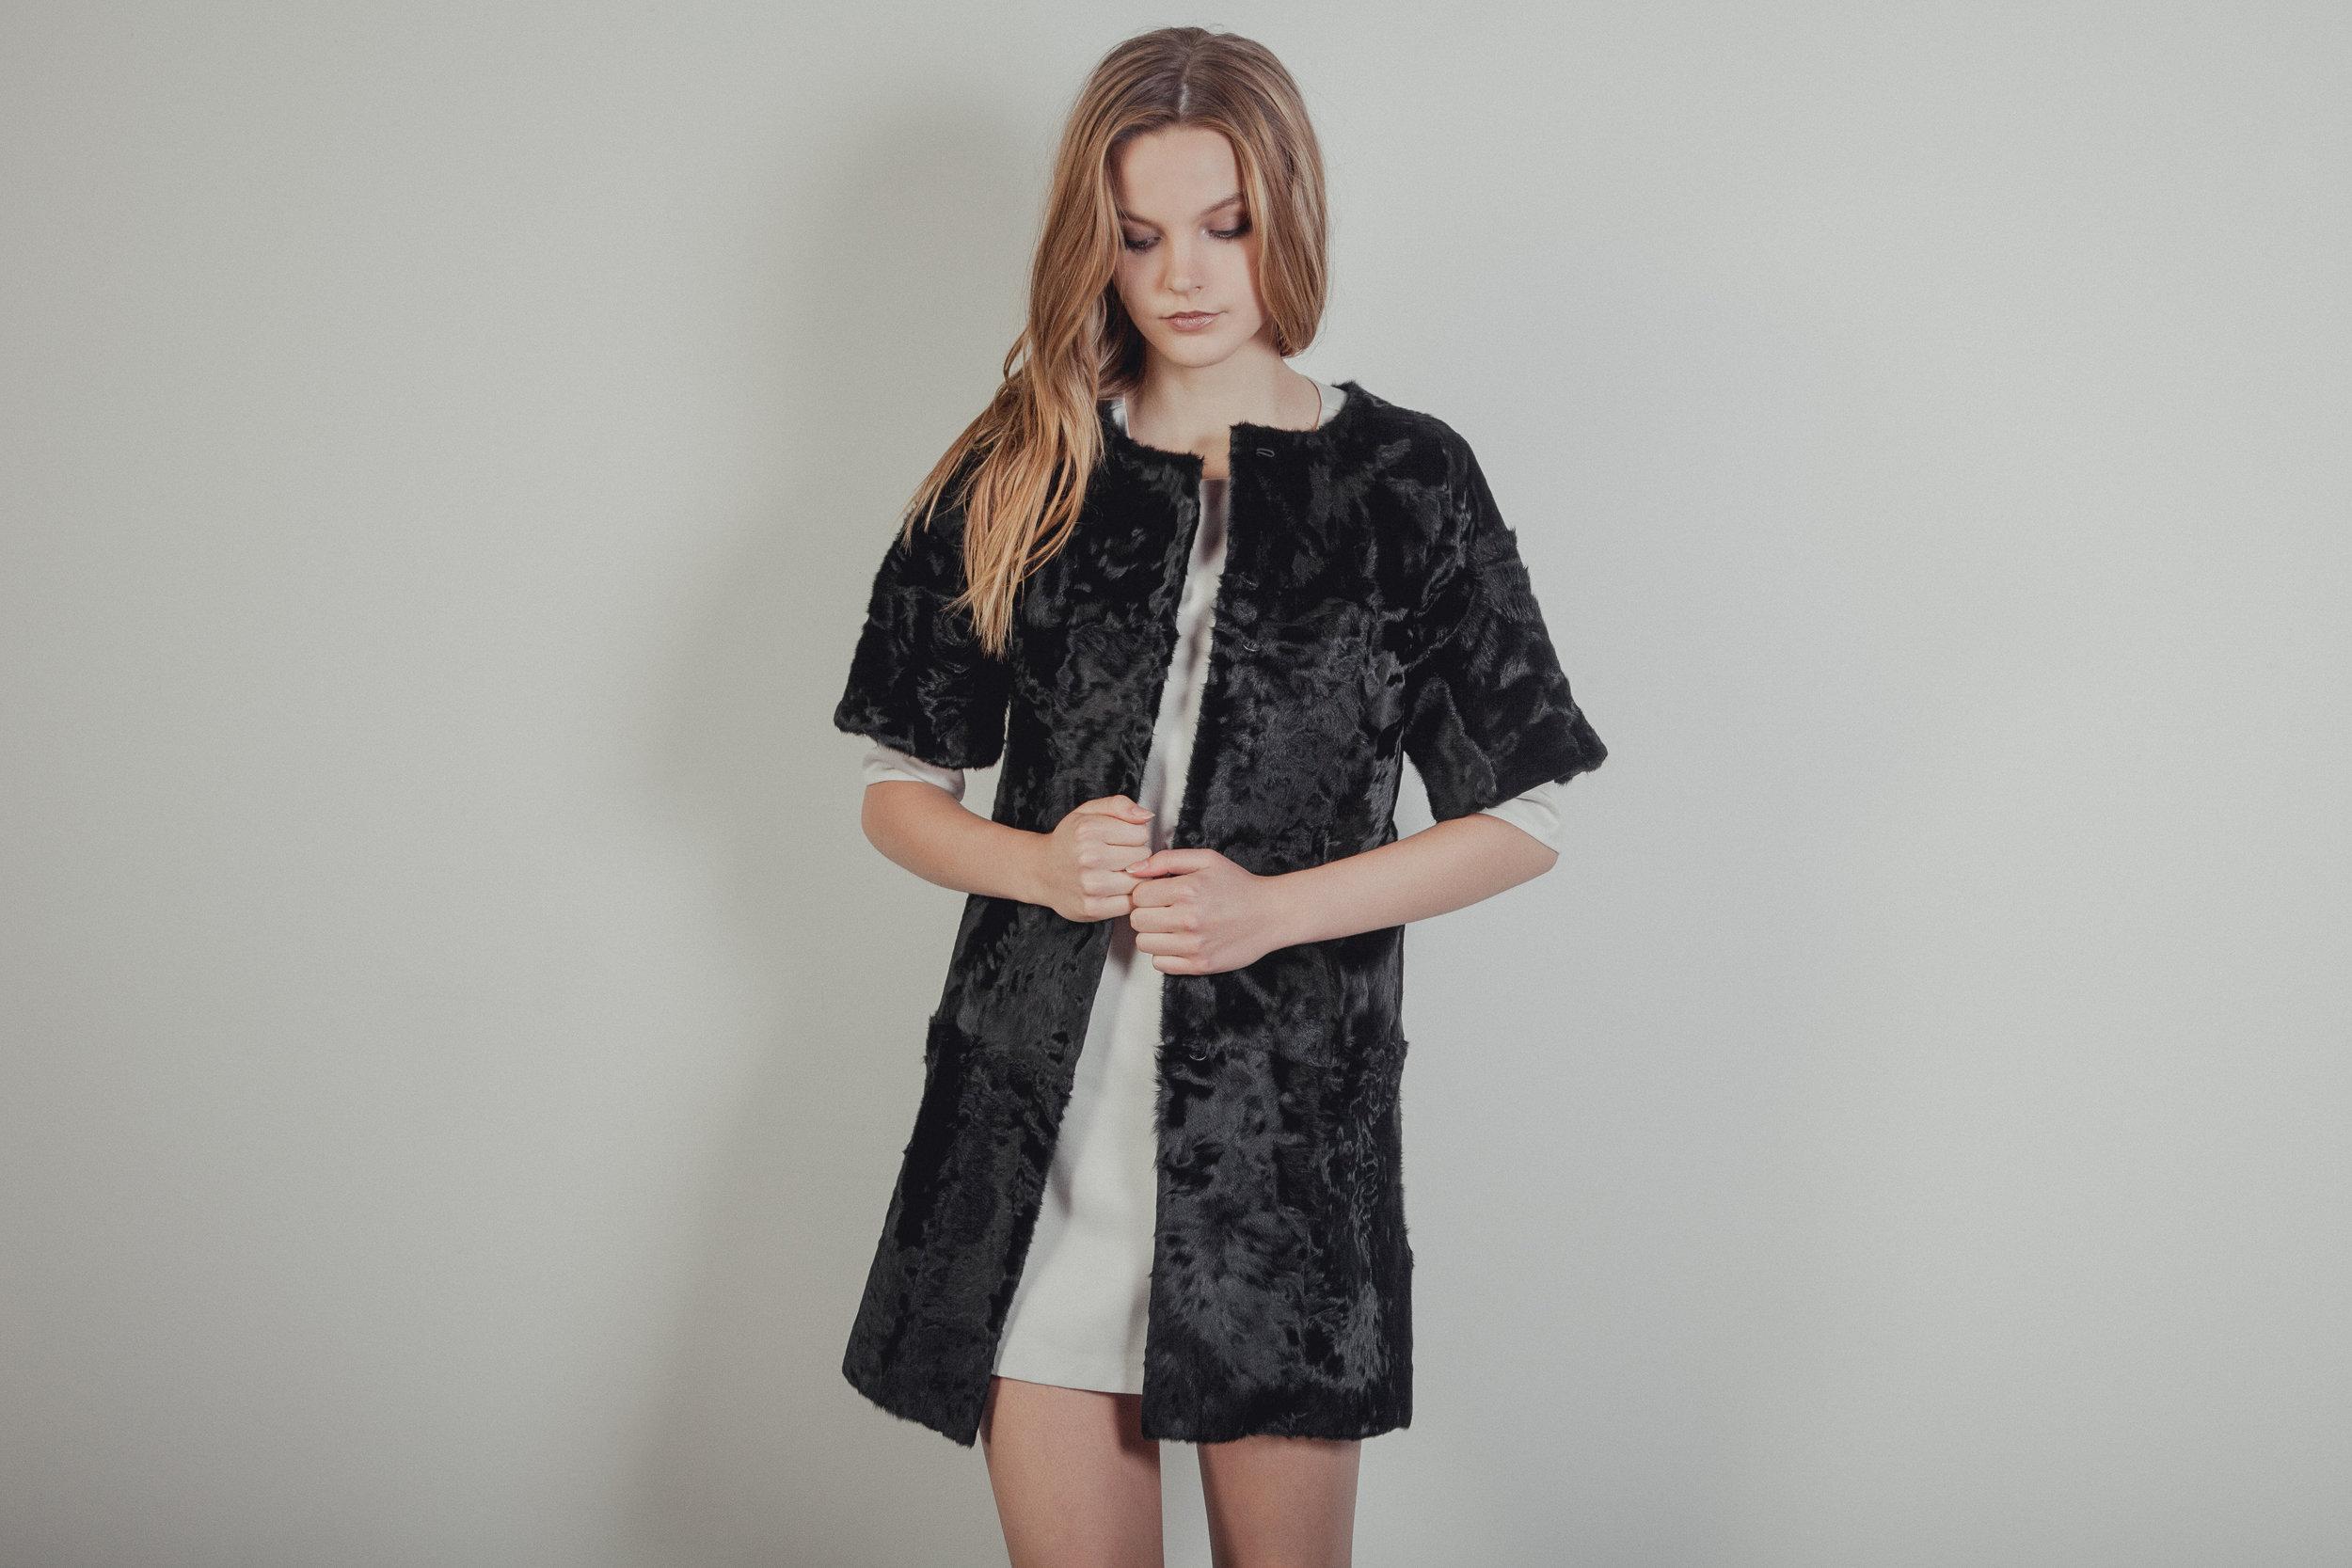 YOLA COLON 2013 CAMPAIGN - Promo video for New York fashion designer Yola Colon's 2013 fall collection.